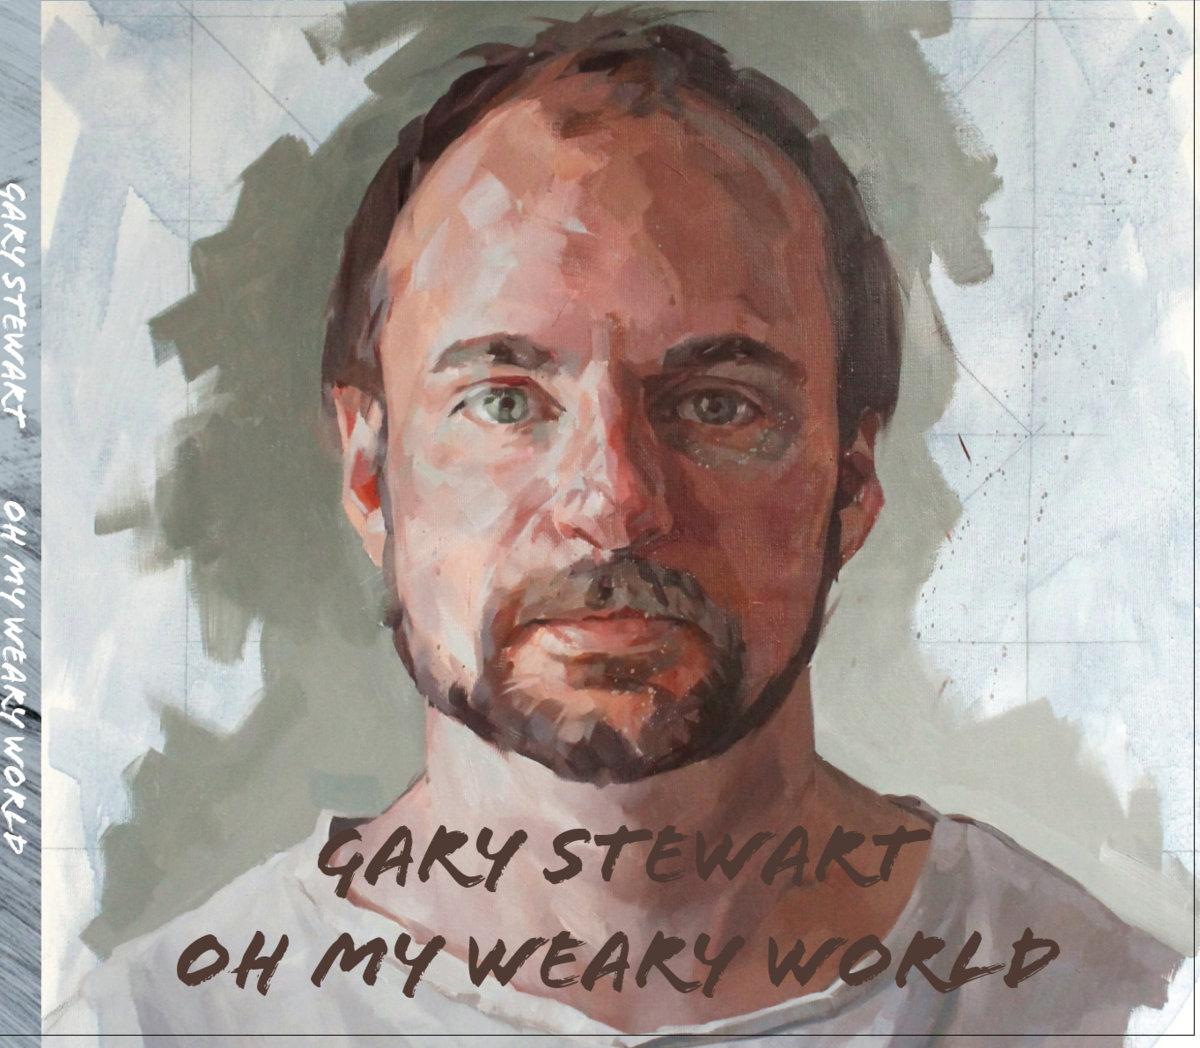 Gary stewart best albums and lyrics download mp3 | zortam music.